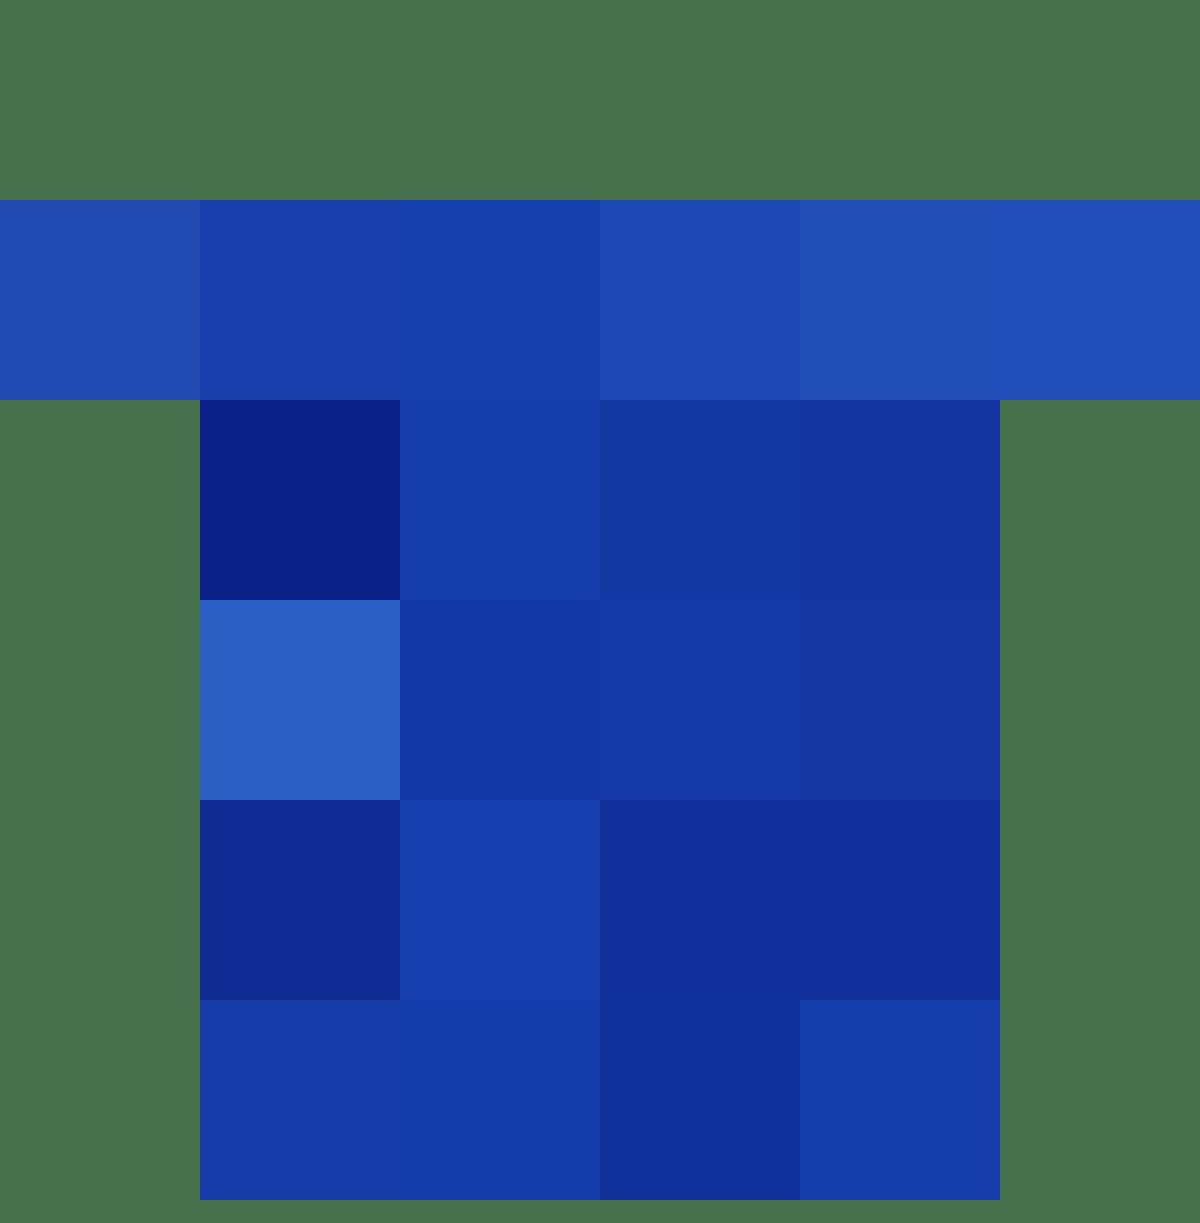 Blue tshirt 1